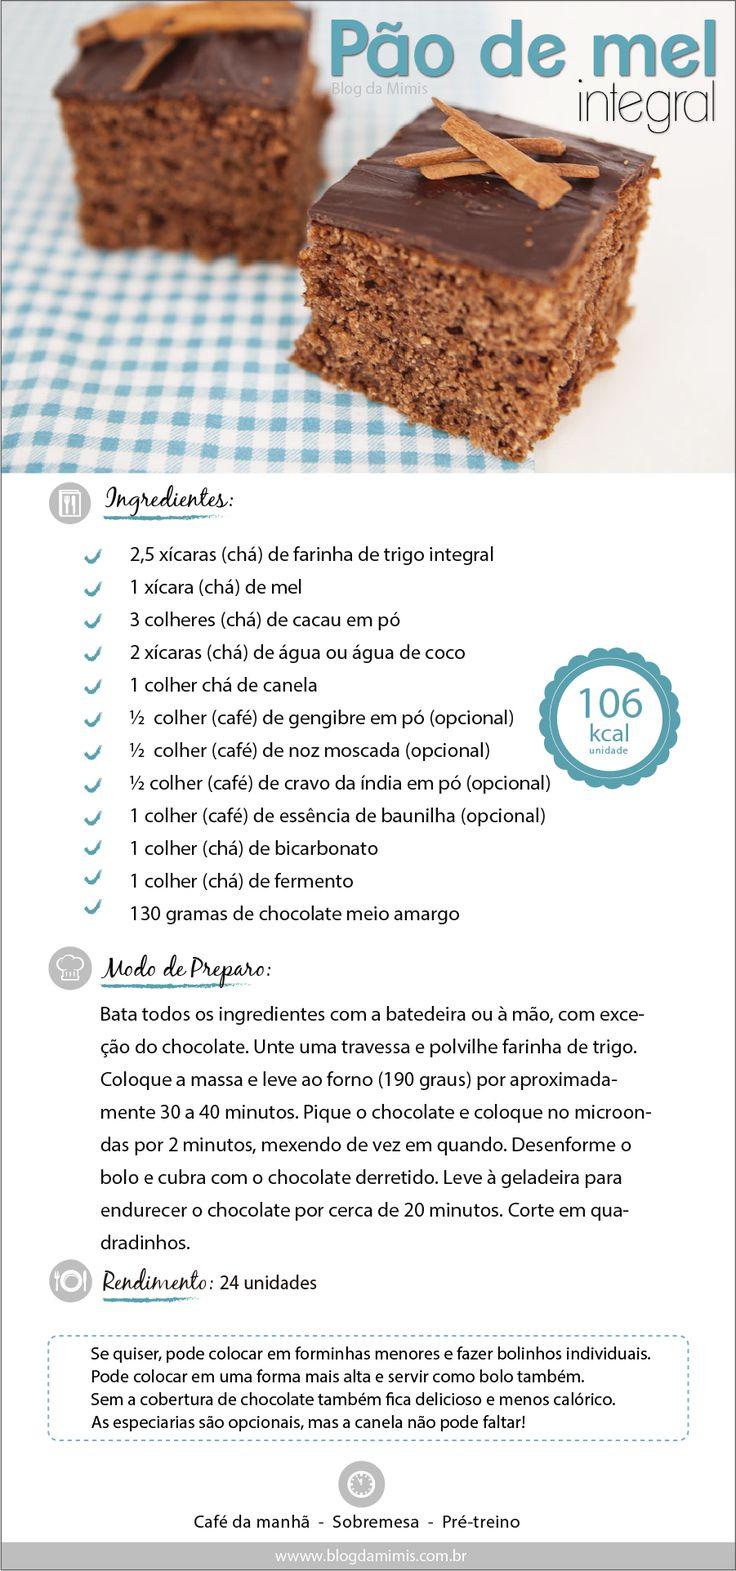 pão de mel-blog-da-mimis-michelli-franzoni-1